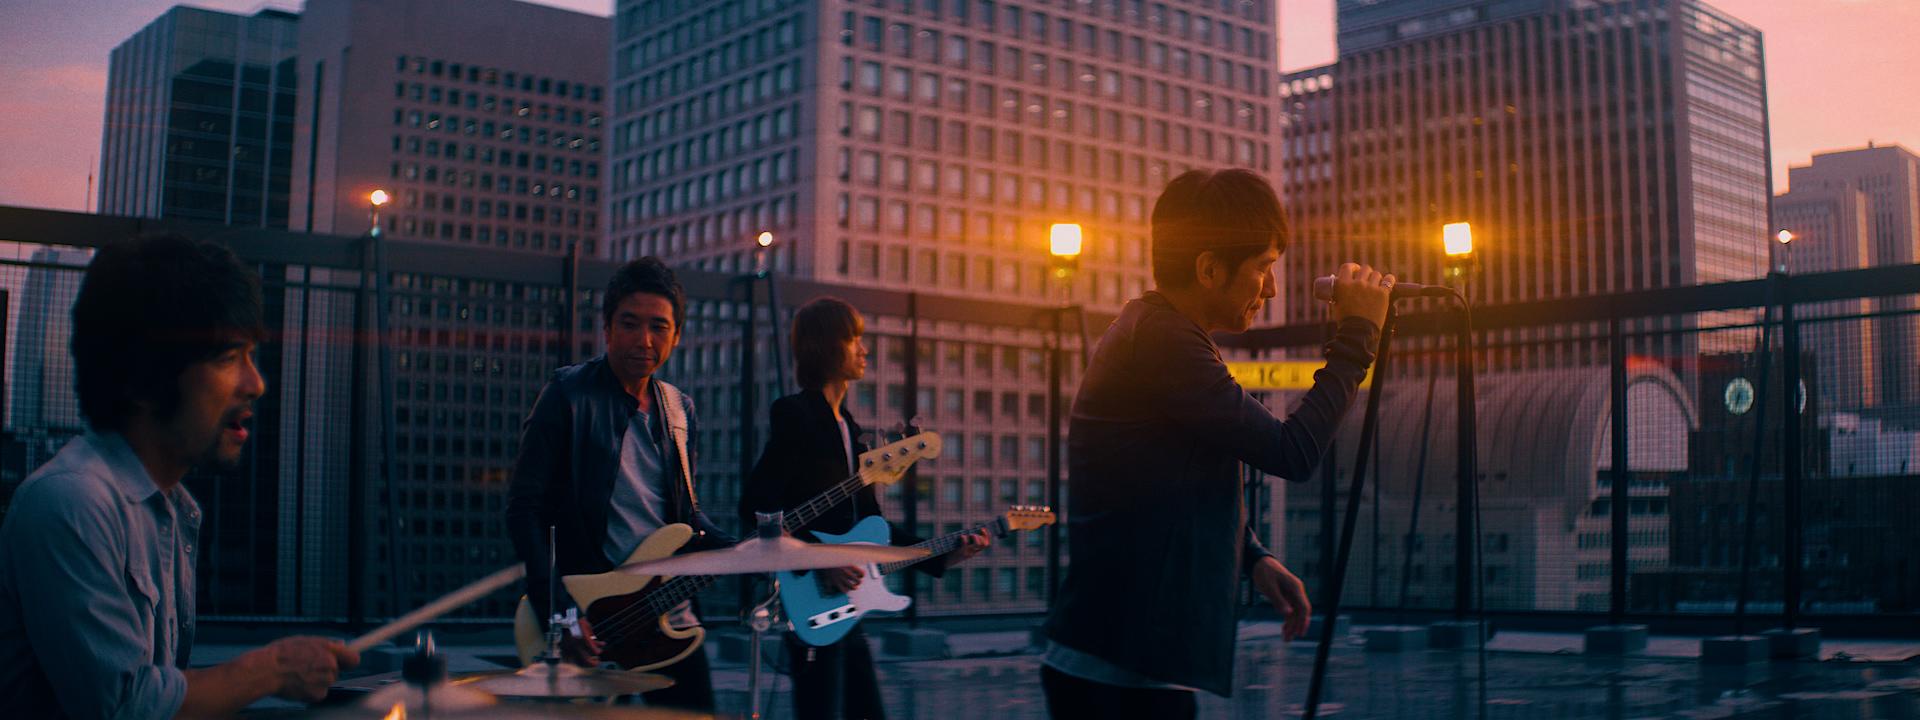 band_edit04.00_01_49_14.Still007.jpg